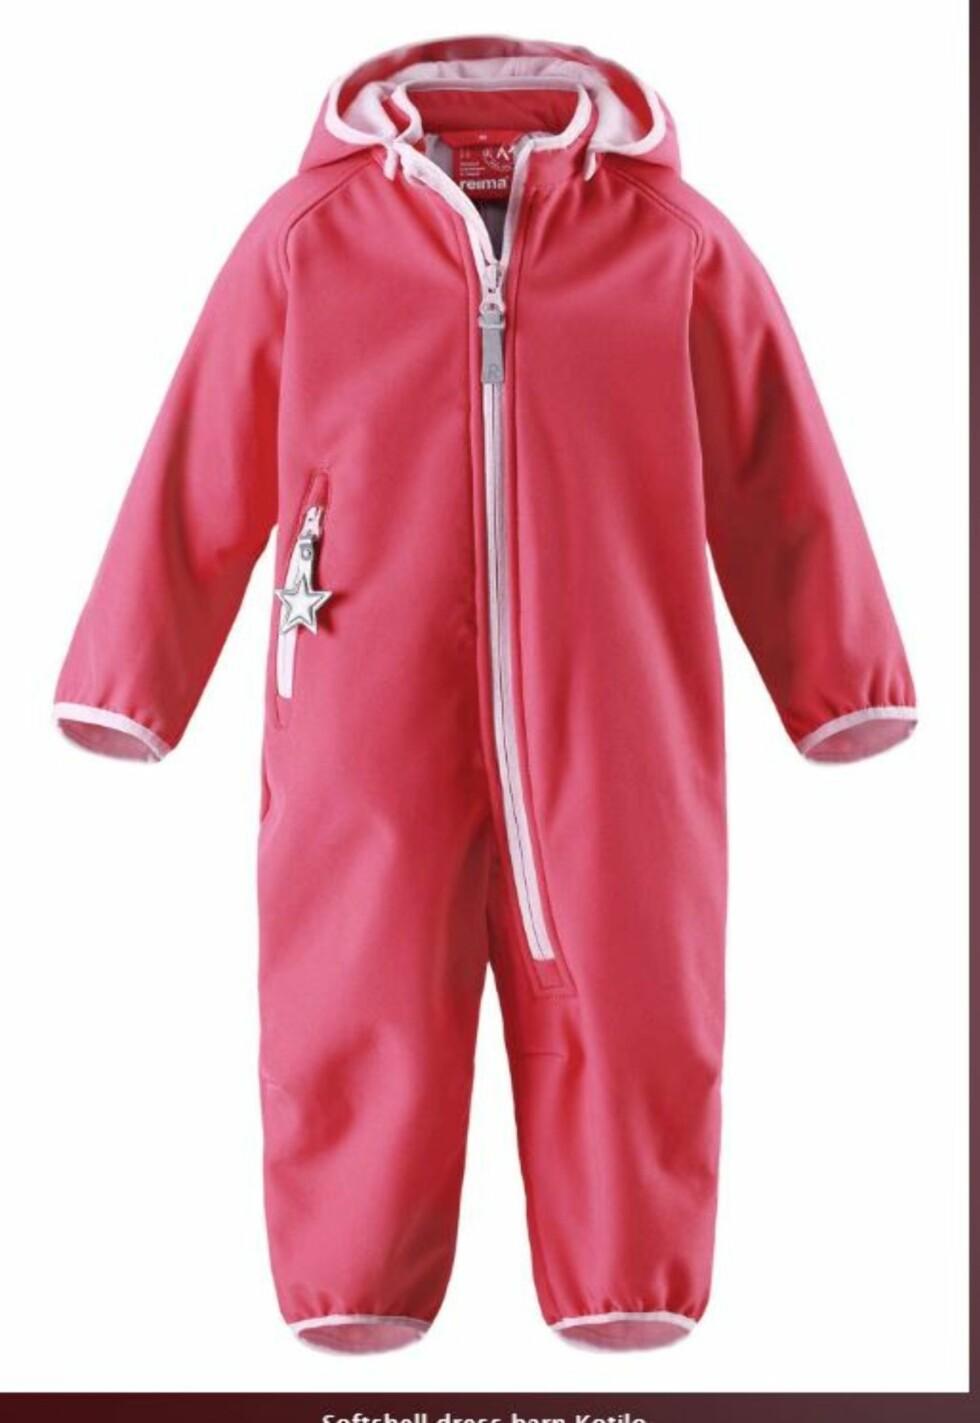 Softshell-dress fra Reima |kr 599 | https://track.adtraction.com/t/t?a=1173841475&as=1115634940&t=2&tk=1&url=https://www.reima.com/no/Sm%C3%A5barn/Ytterkl%C3%A6r-til-sm%C3%A5barn/parkdresser-og-sett/Softshell-dress-barn-Kotilo/p/510256-3360?fromGrid=true